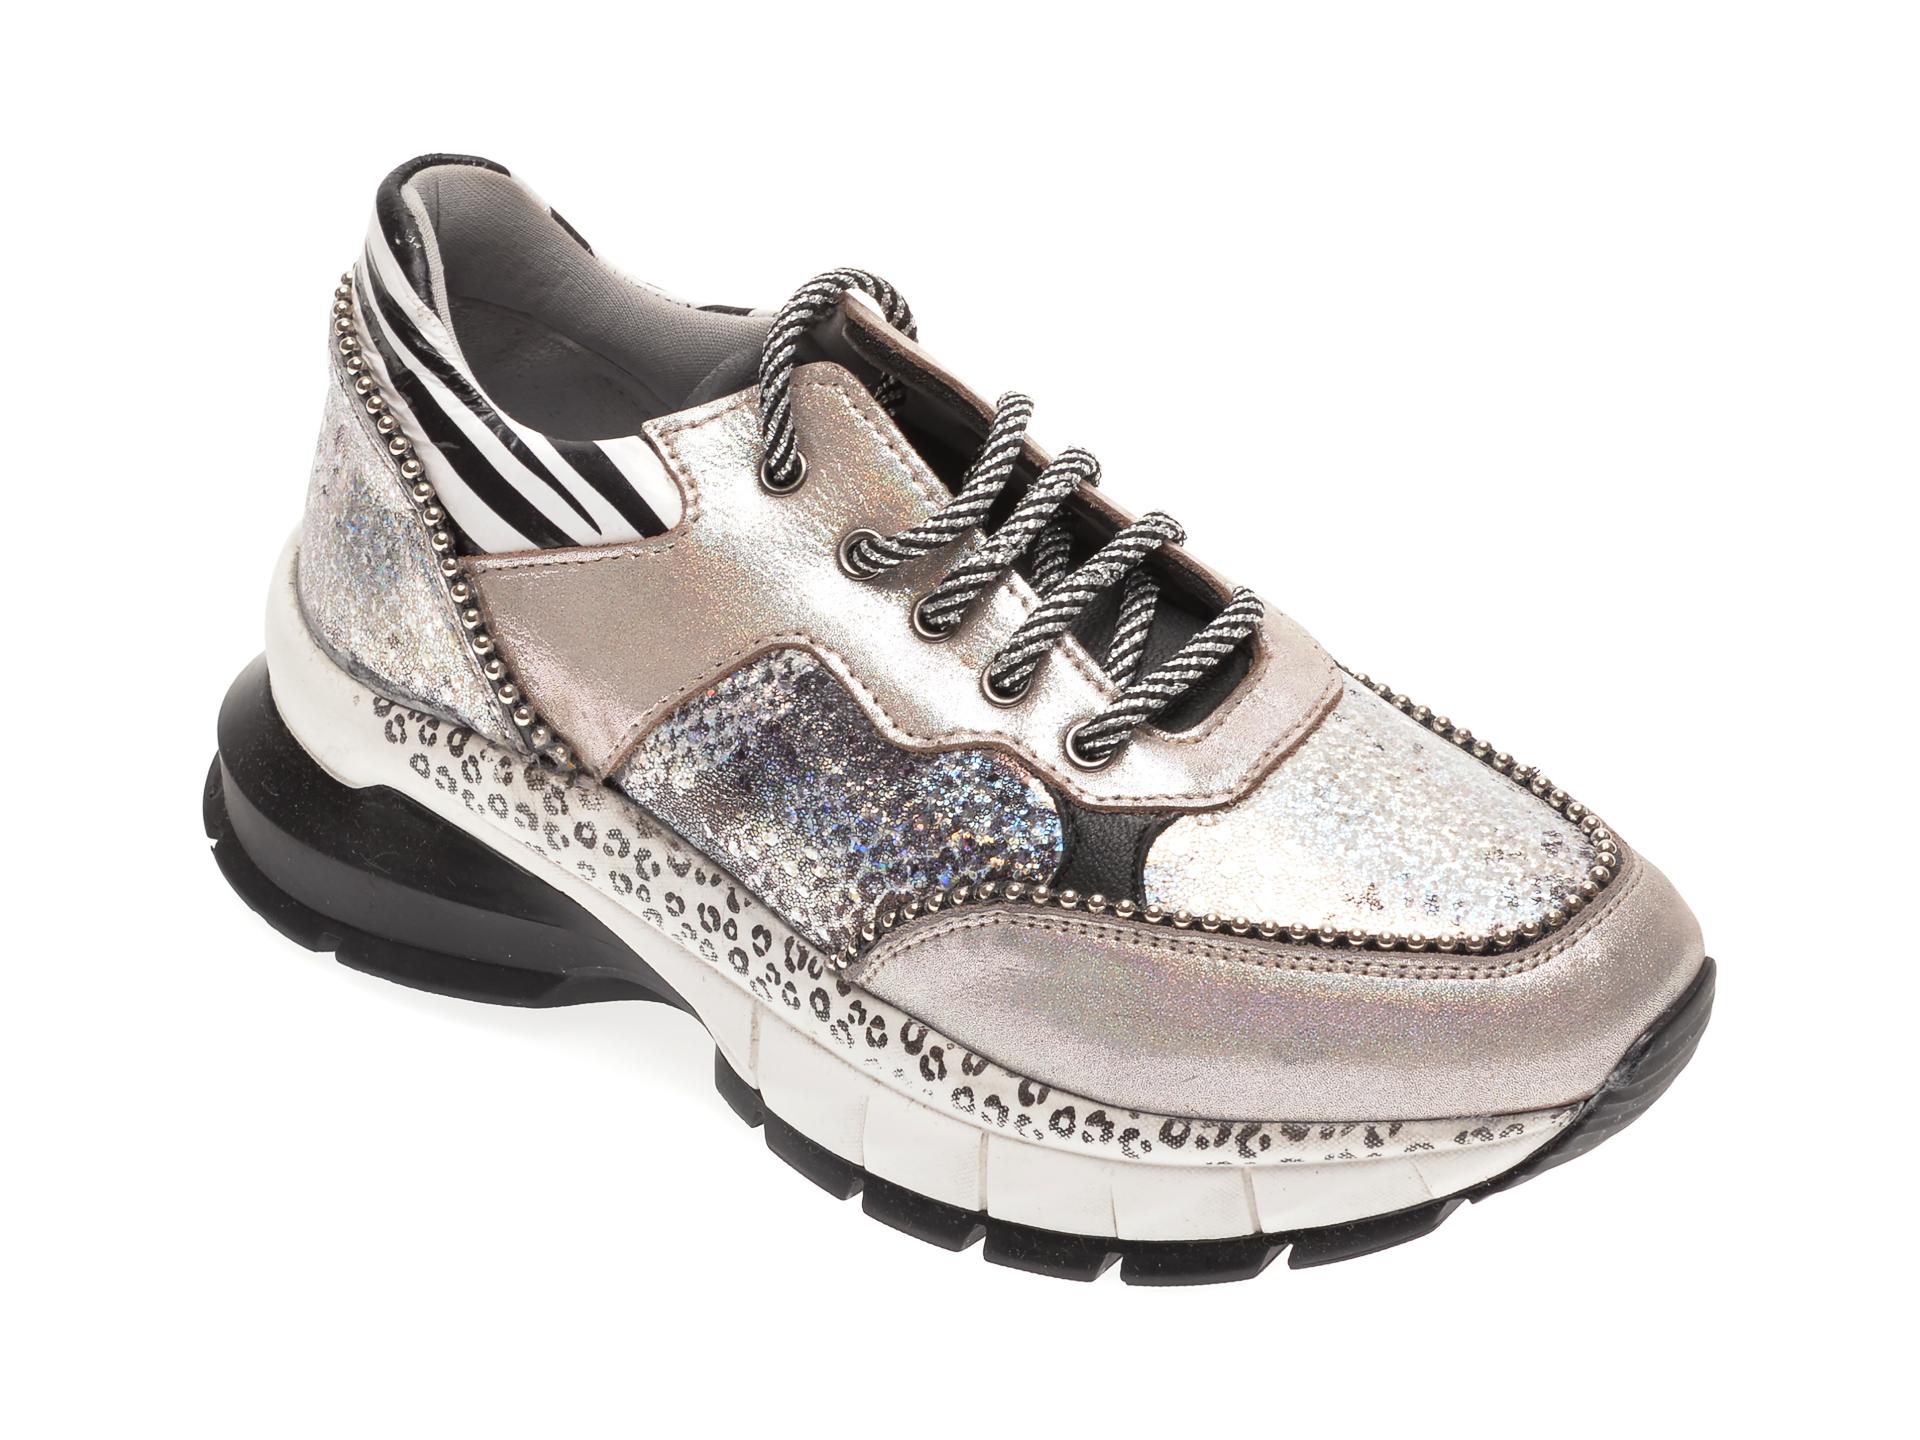 Pantofi sport BABOOS multicolori, 1201, din piele naturala imagine